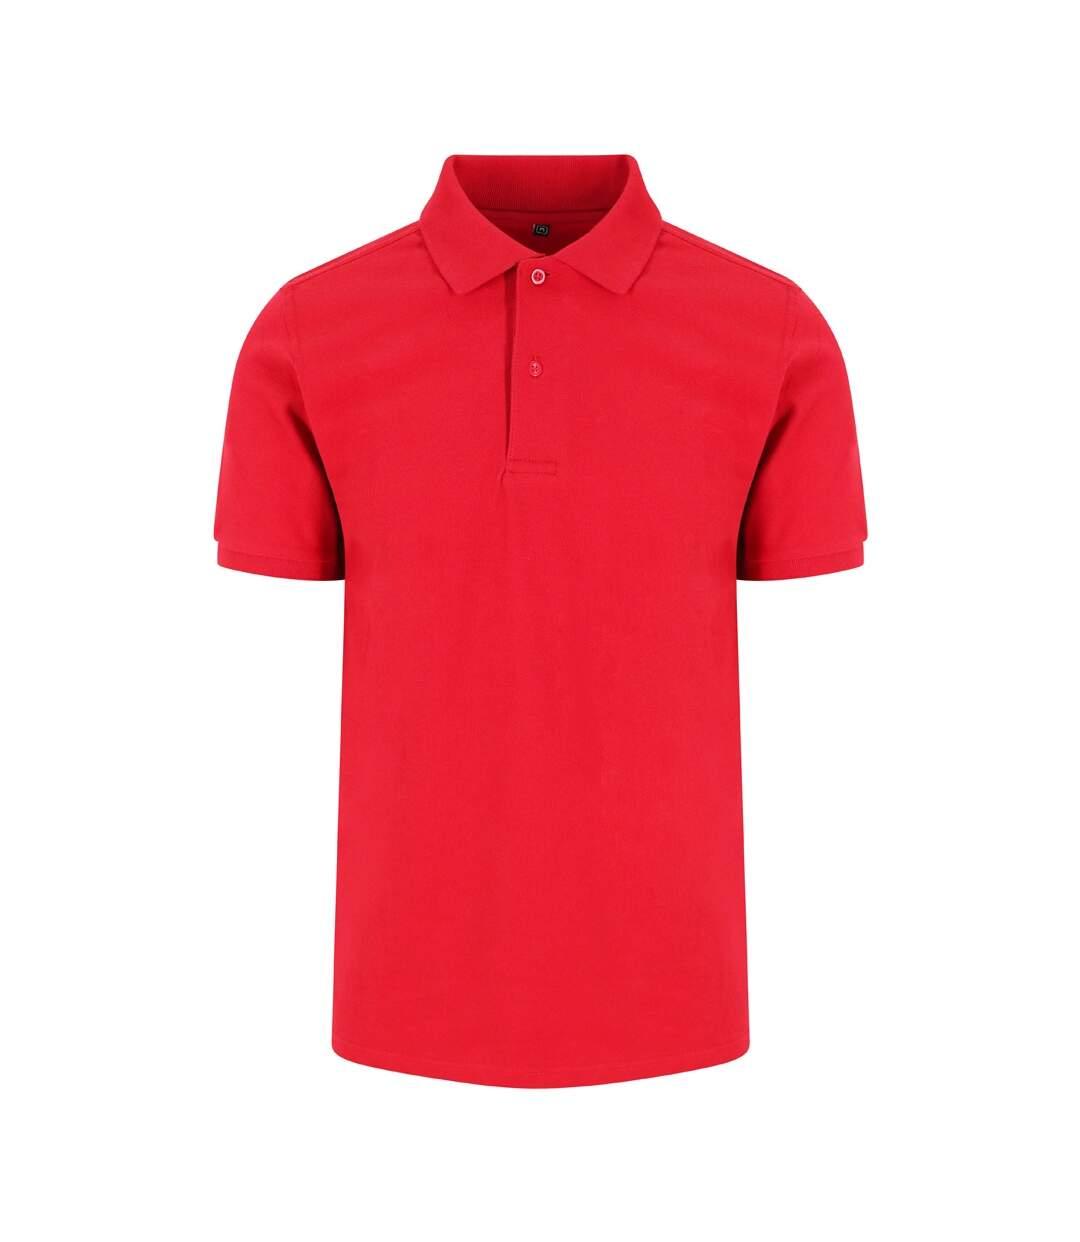 AWDis Just Polos Mens Stretch Pique Polo Shirt (Red) - UTPC3588